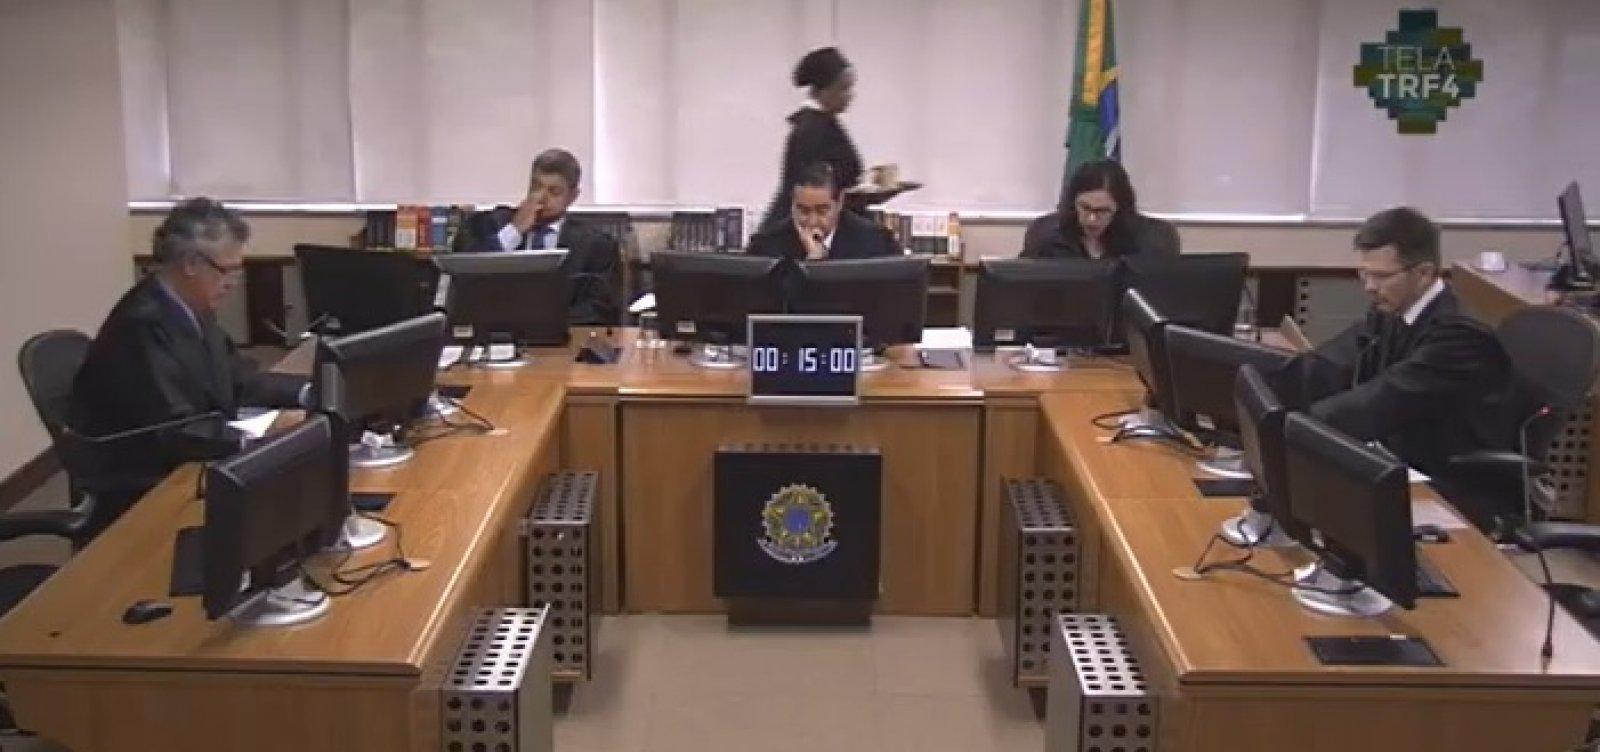 Ao vivo: Relator do TRF-4 nega anular condenação de Lula em caso de sítio